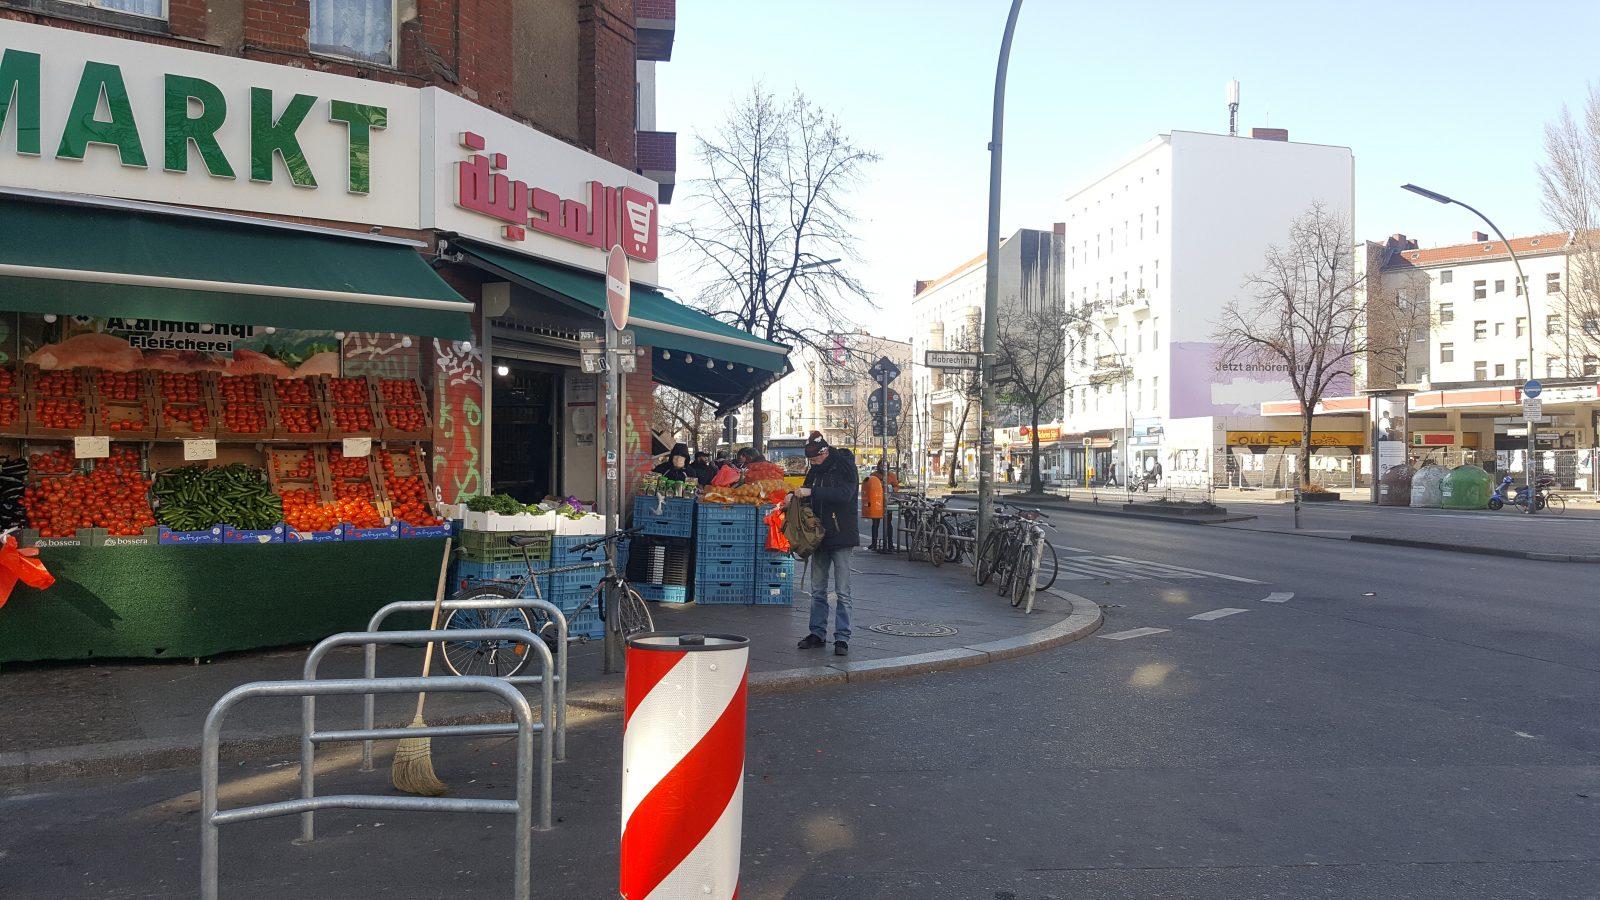 Türkischer Supermarkt, fast ohne Kunden - Corona-Spaziergänge Neukölln.